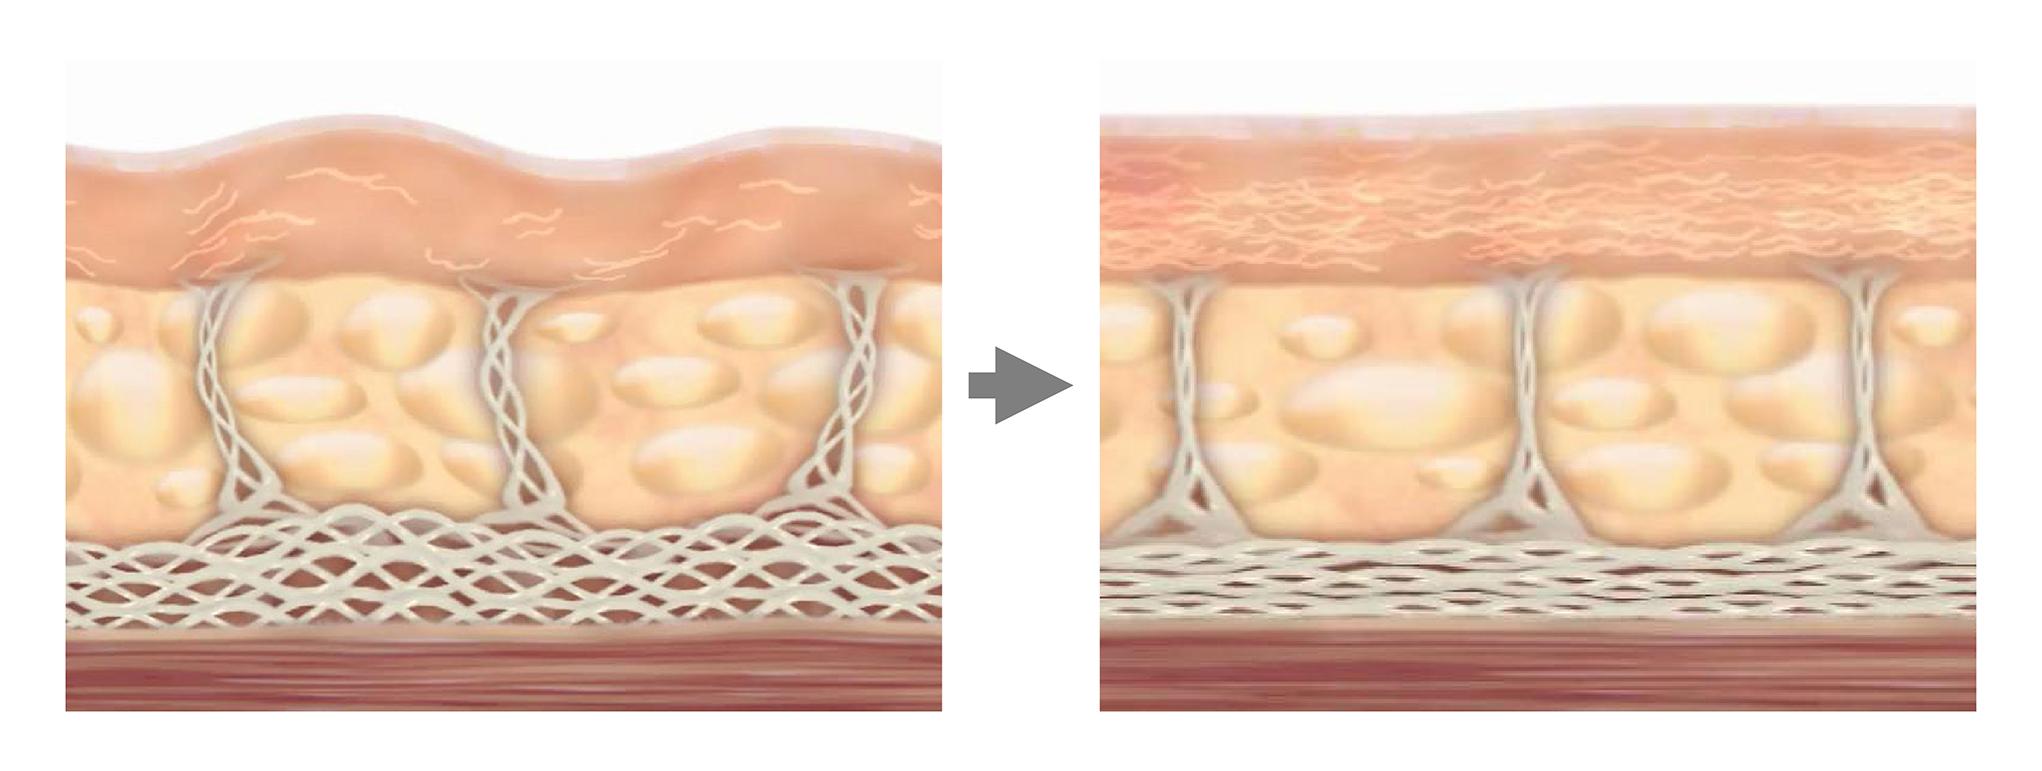 治療之後,隨著時間的推移,原先老化薄弱的膠原蛋白會因為新生而進行重組和強化,接著帶來緊緻和拉提皮膚的效果。